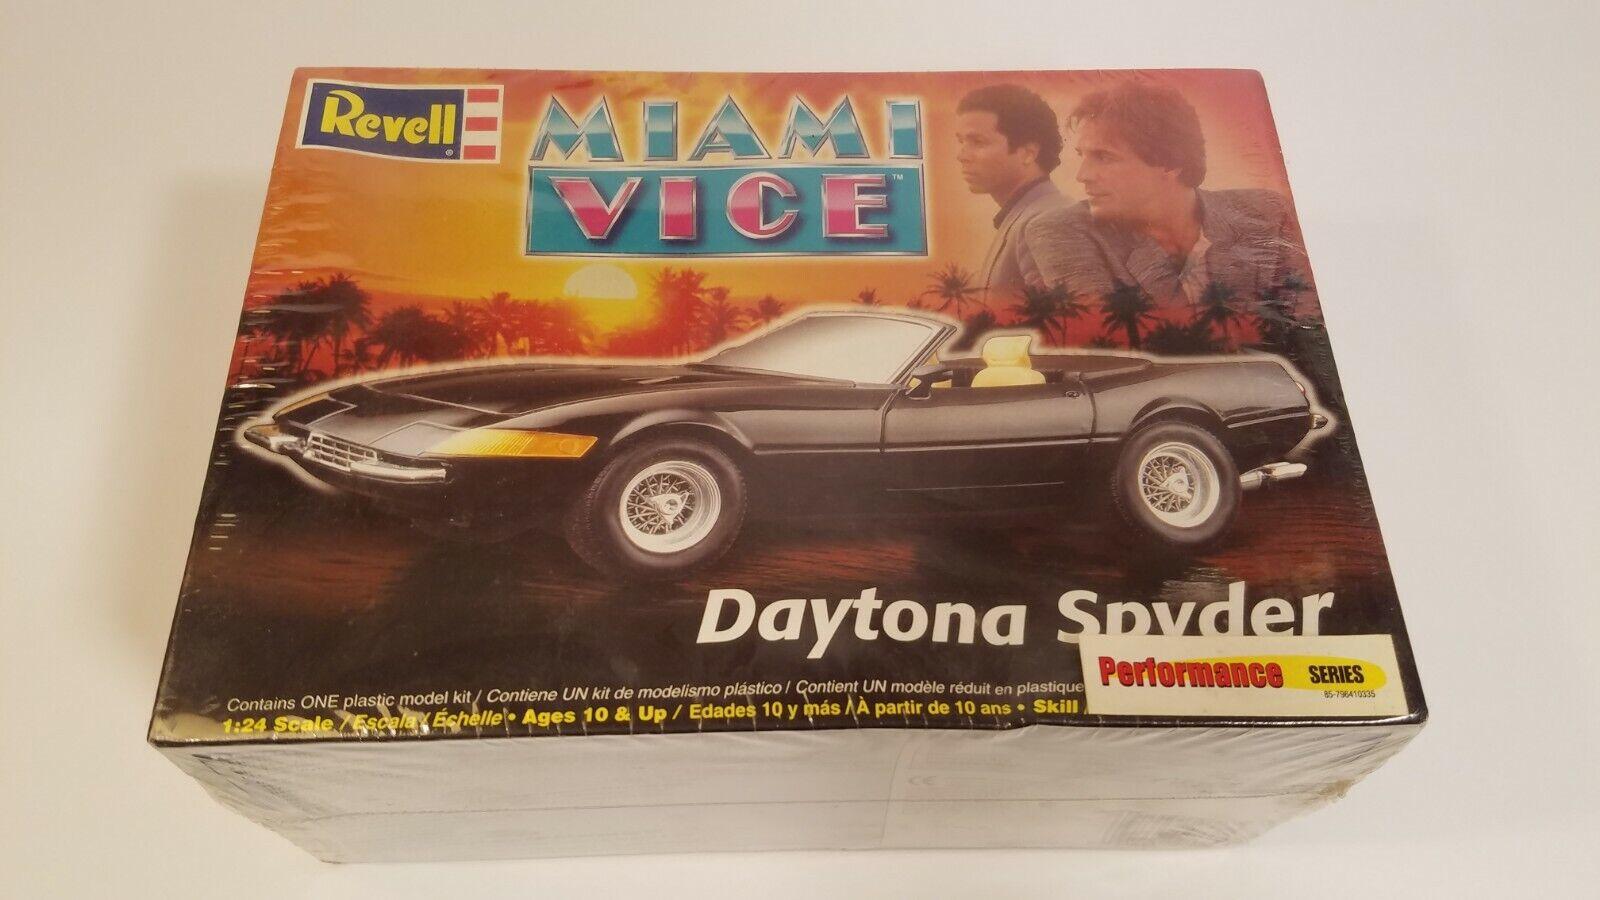 Vintage Revell 1 24 Daytona Spider Ferrari Miami Vice Model Car Kit 2868 For Sale Online Ebay